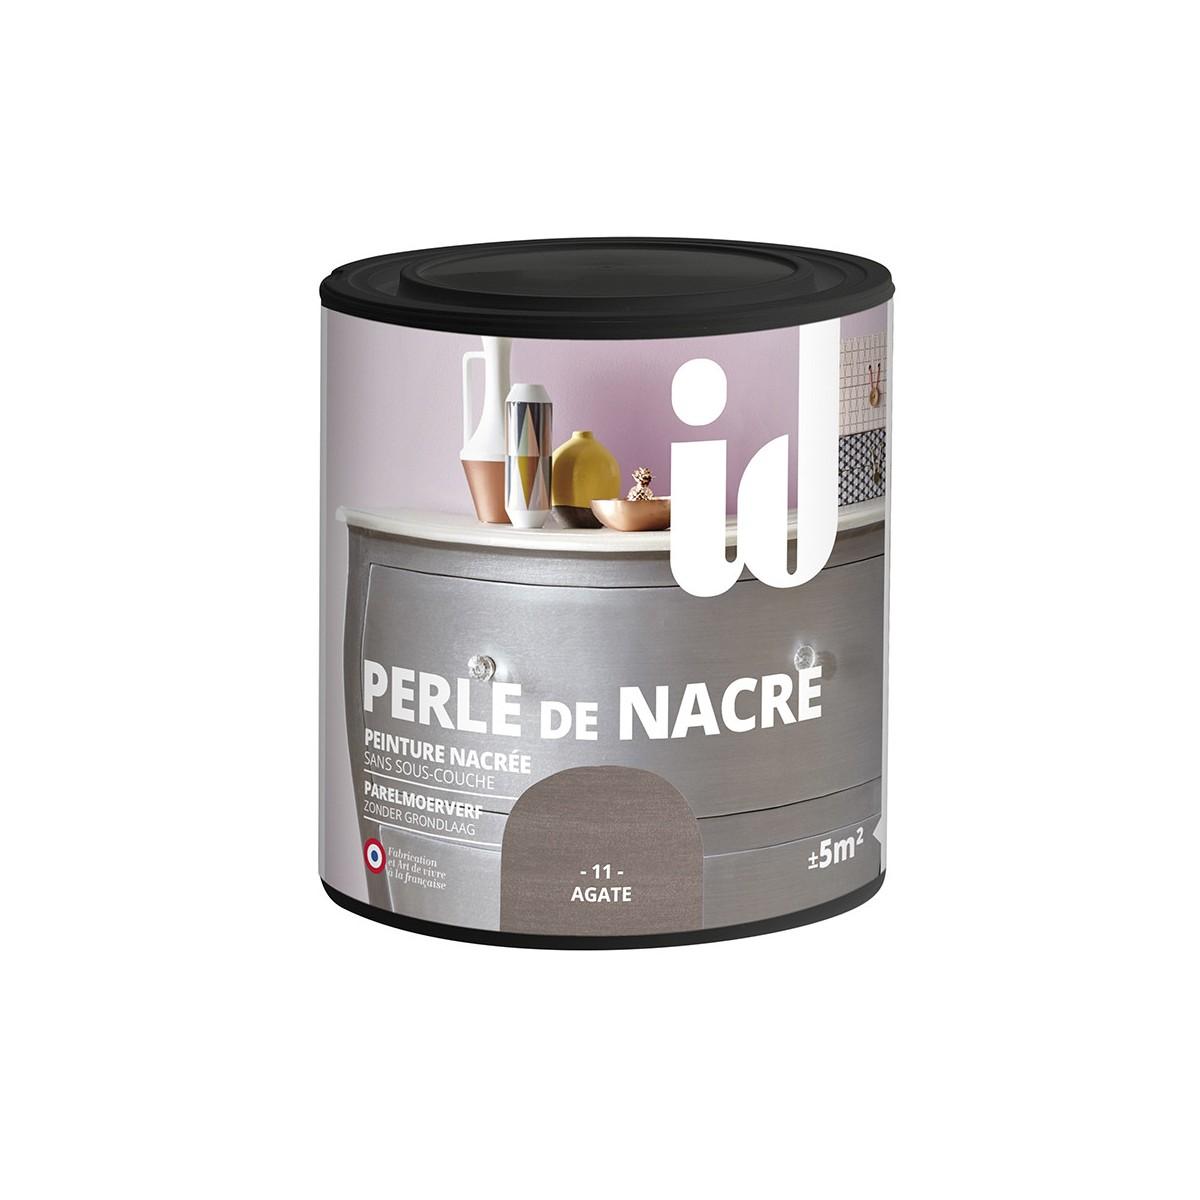 Peinture perle de nacre meuble id paris for Peinture meuble vernis